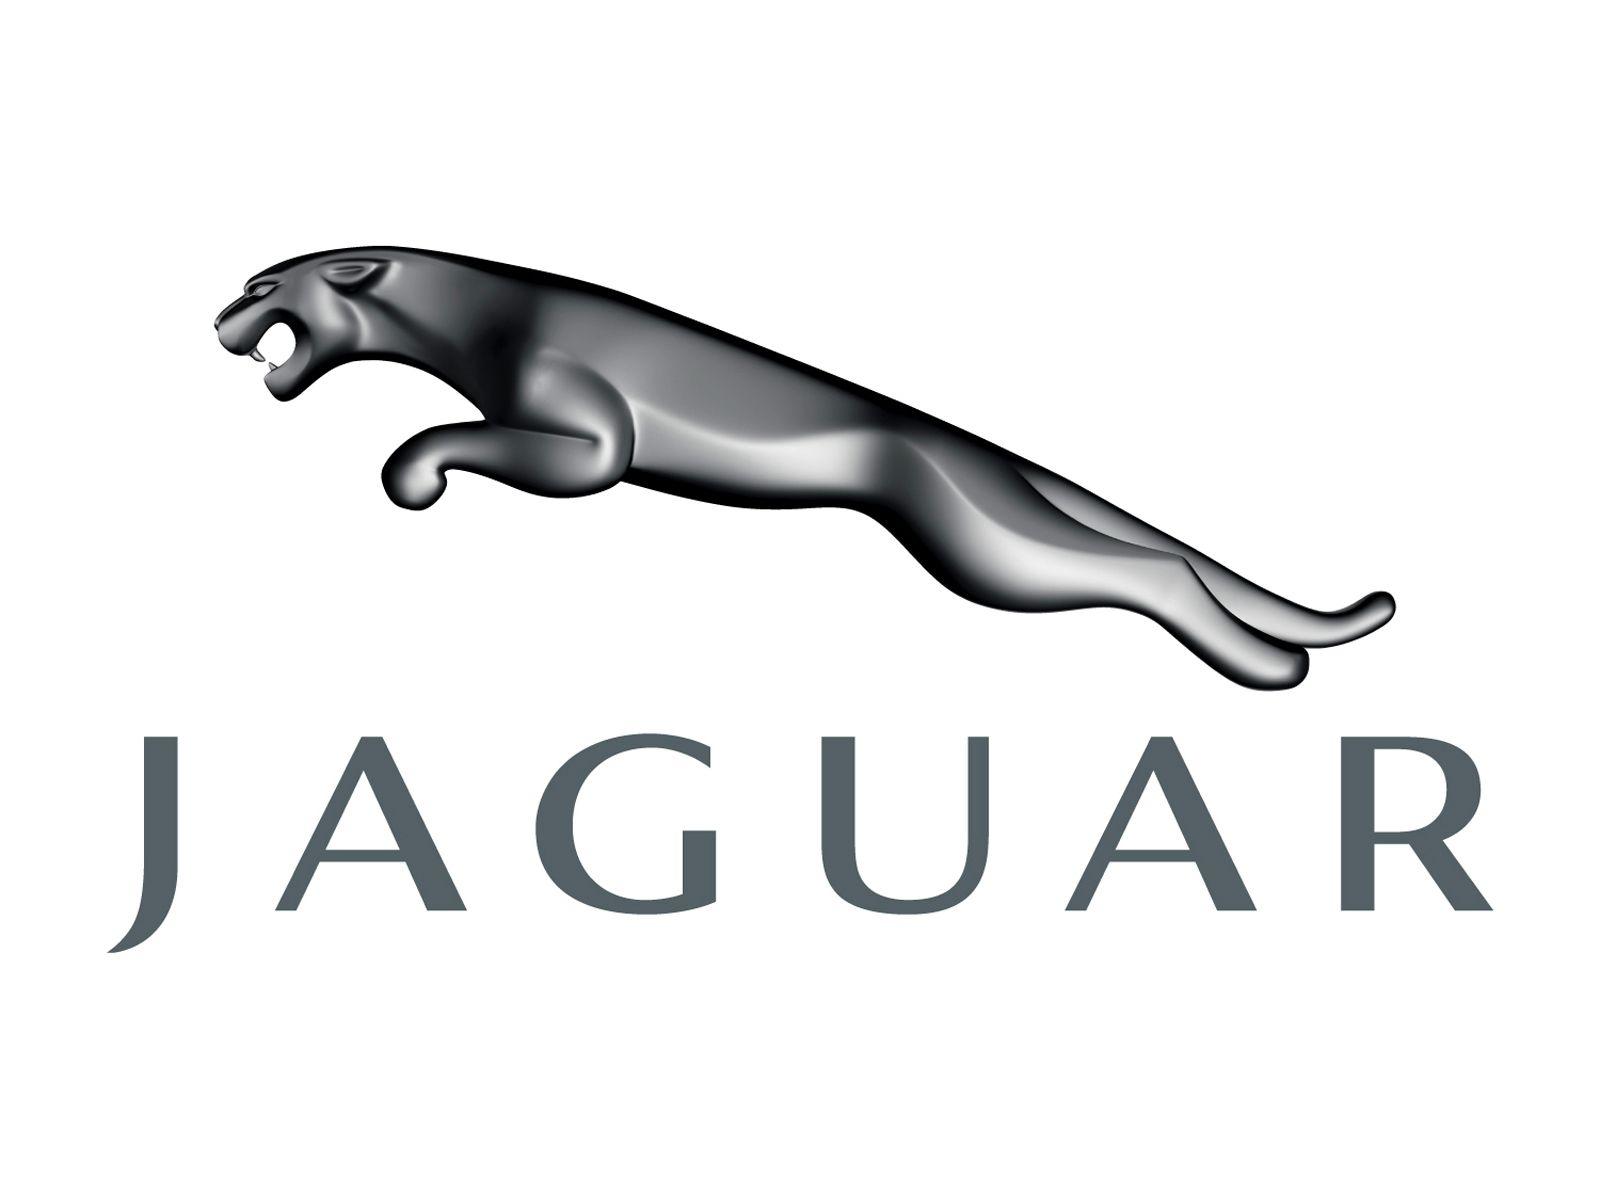 Jaguar Logo, present